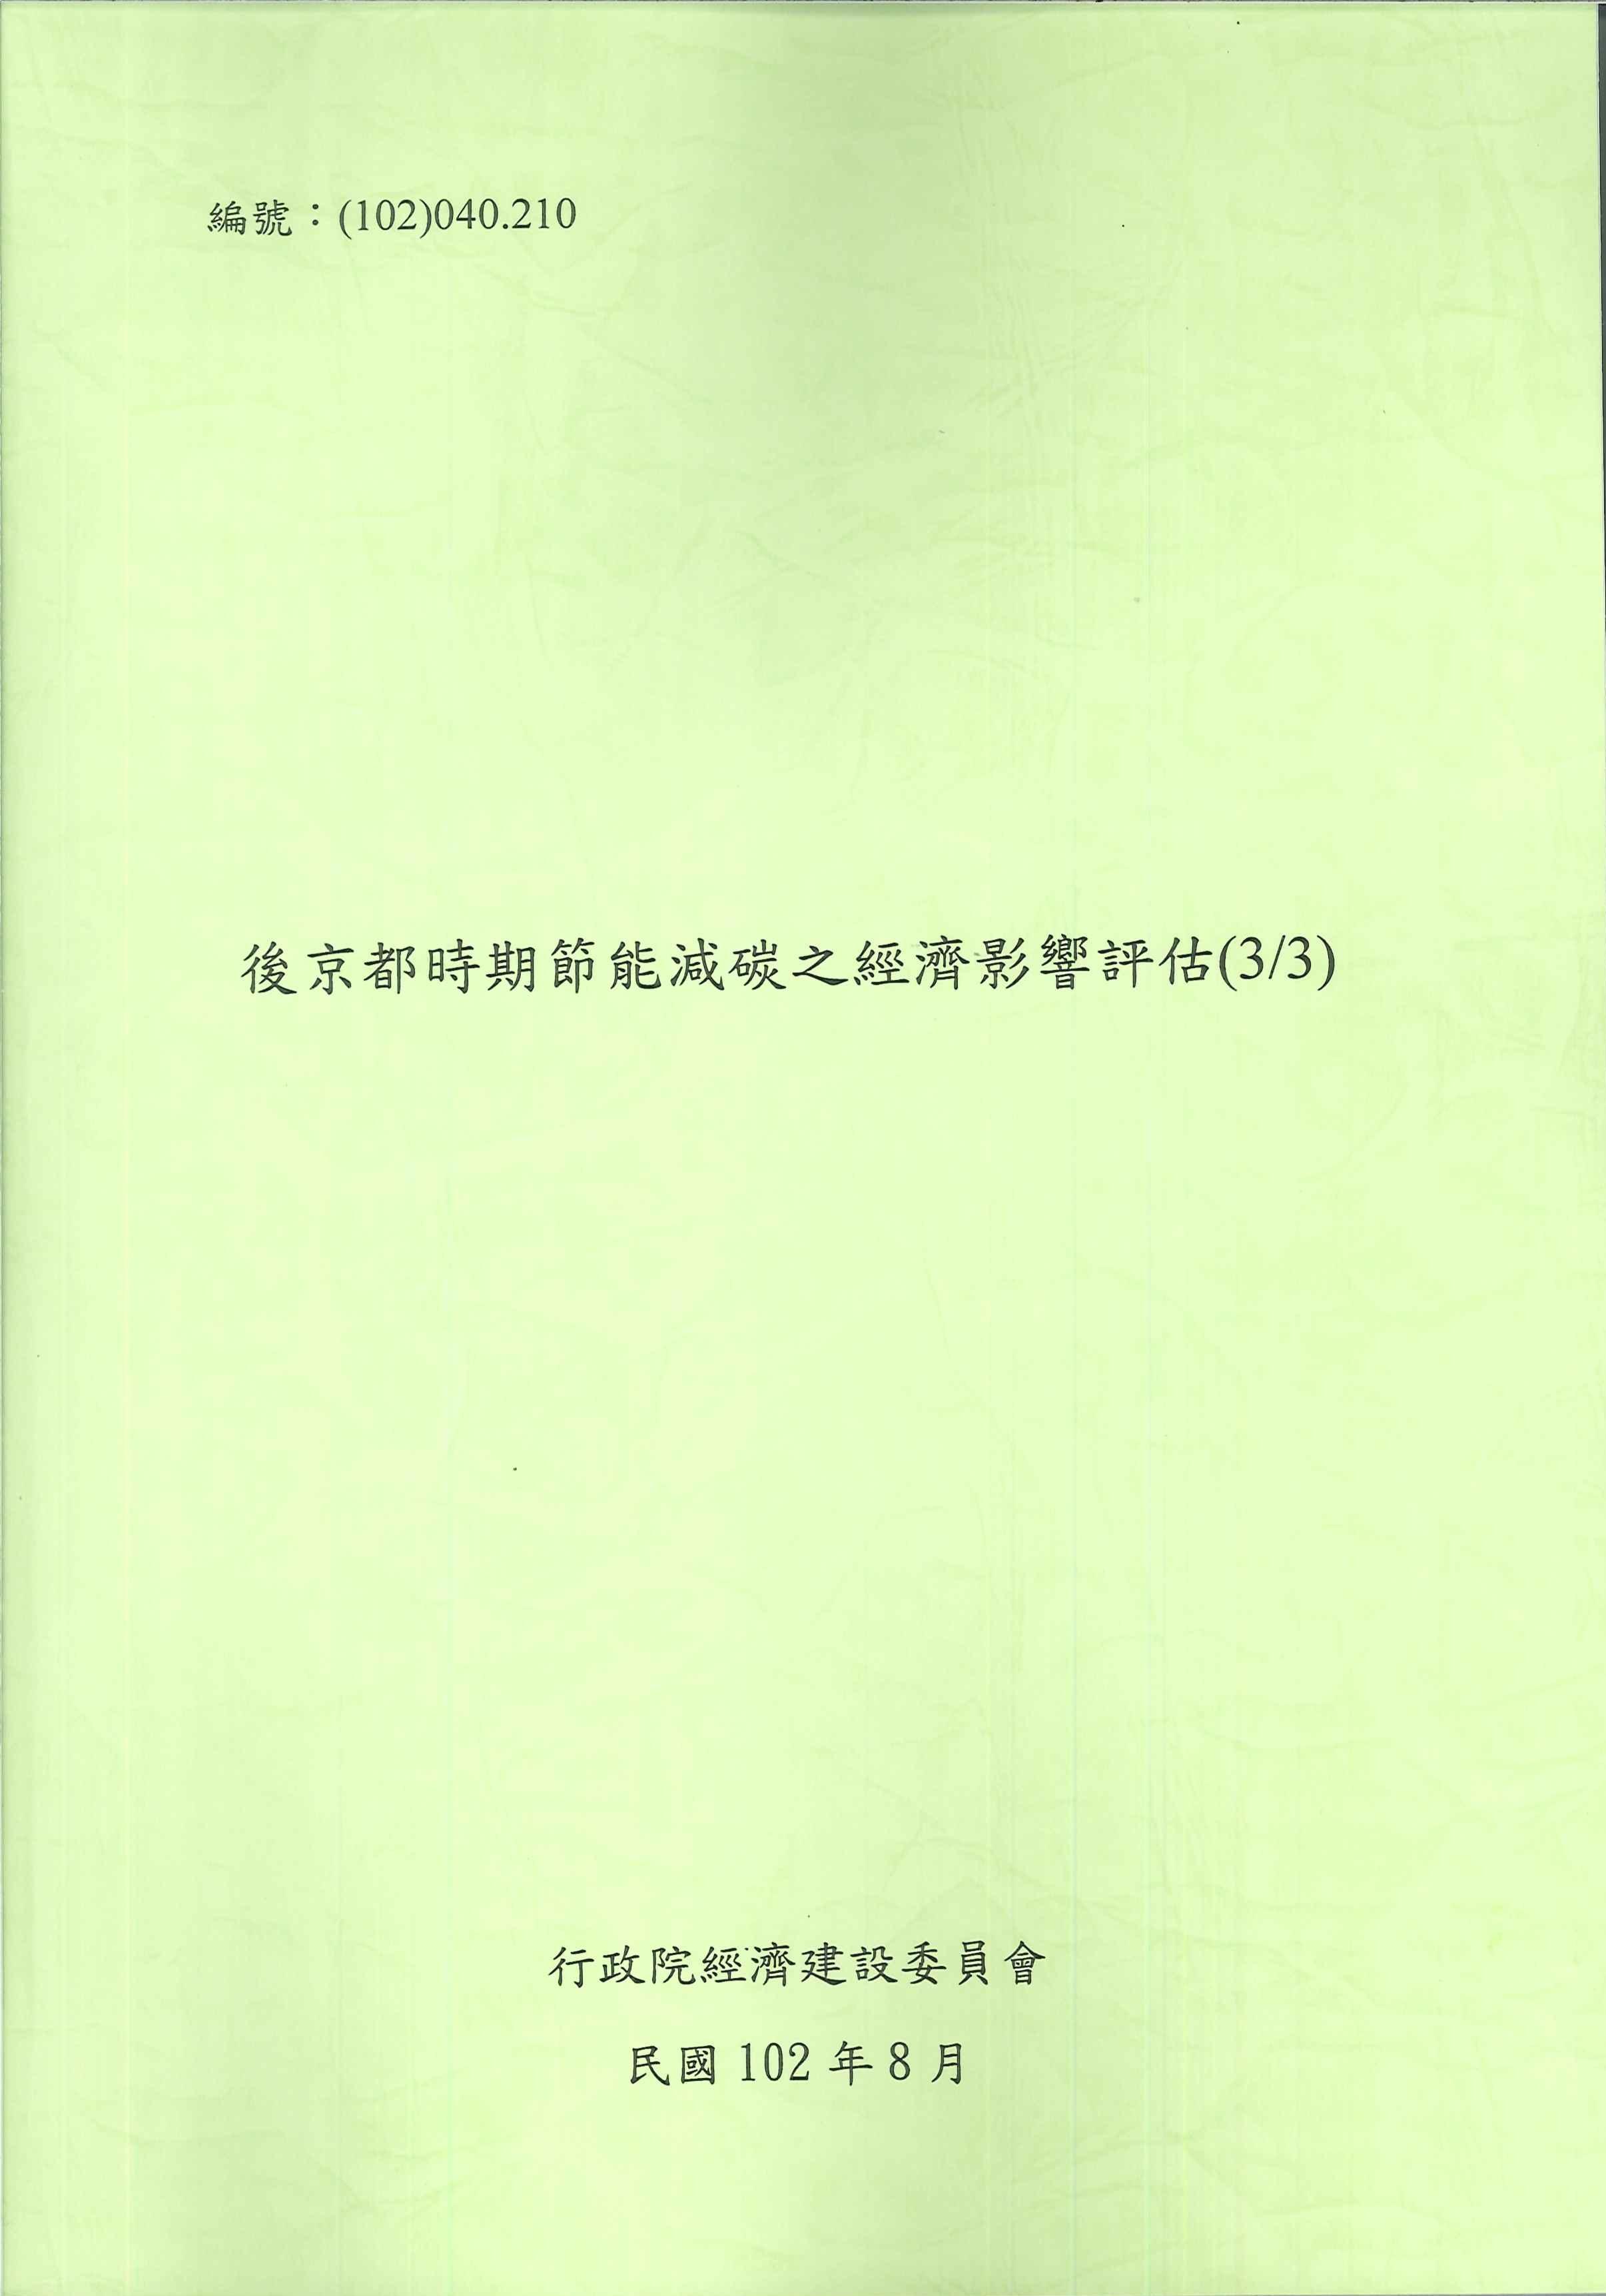 後京都時期節能減碳之經濟影響評估.1/3-3/3